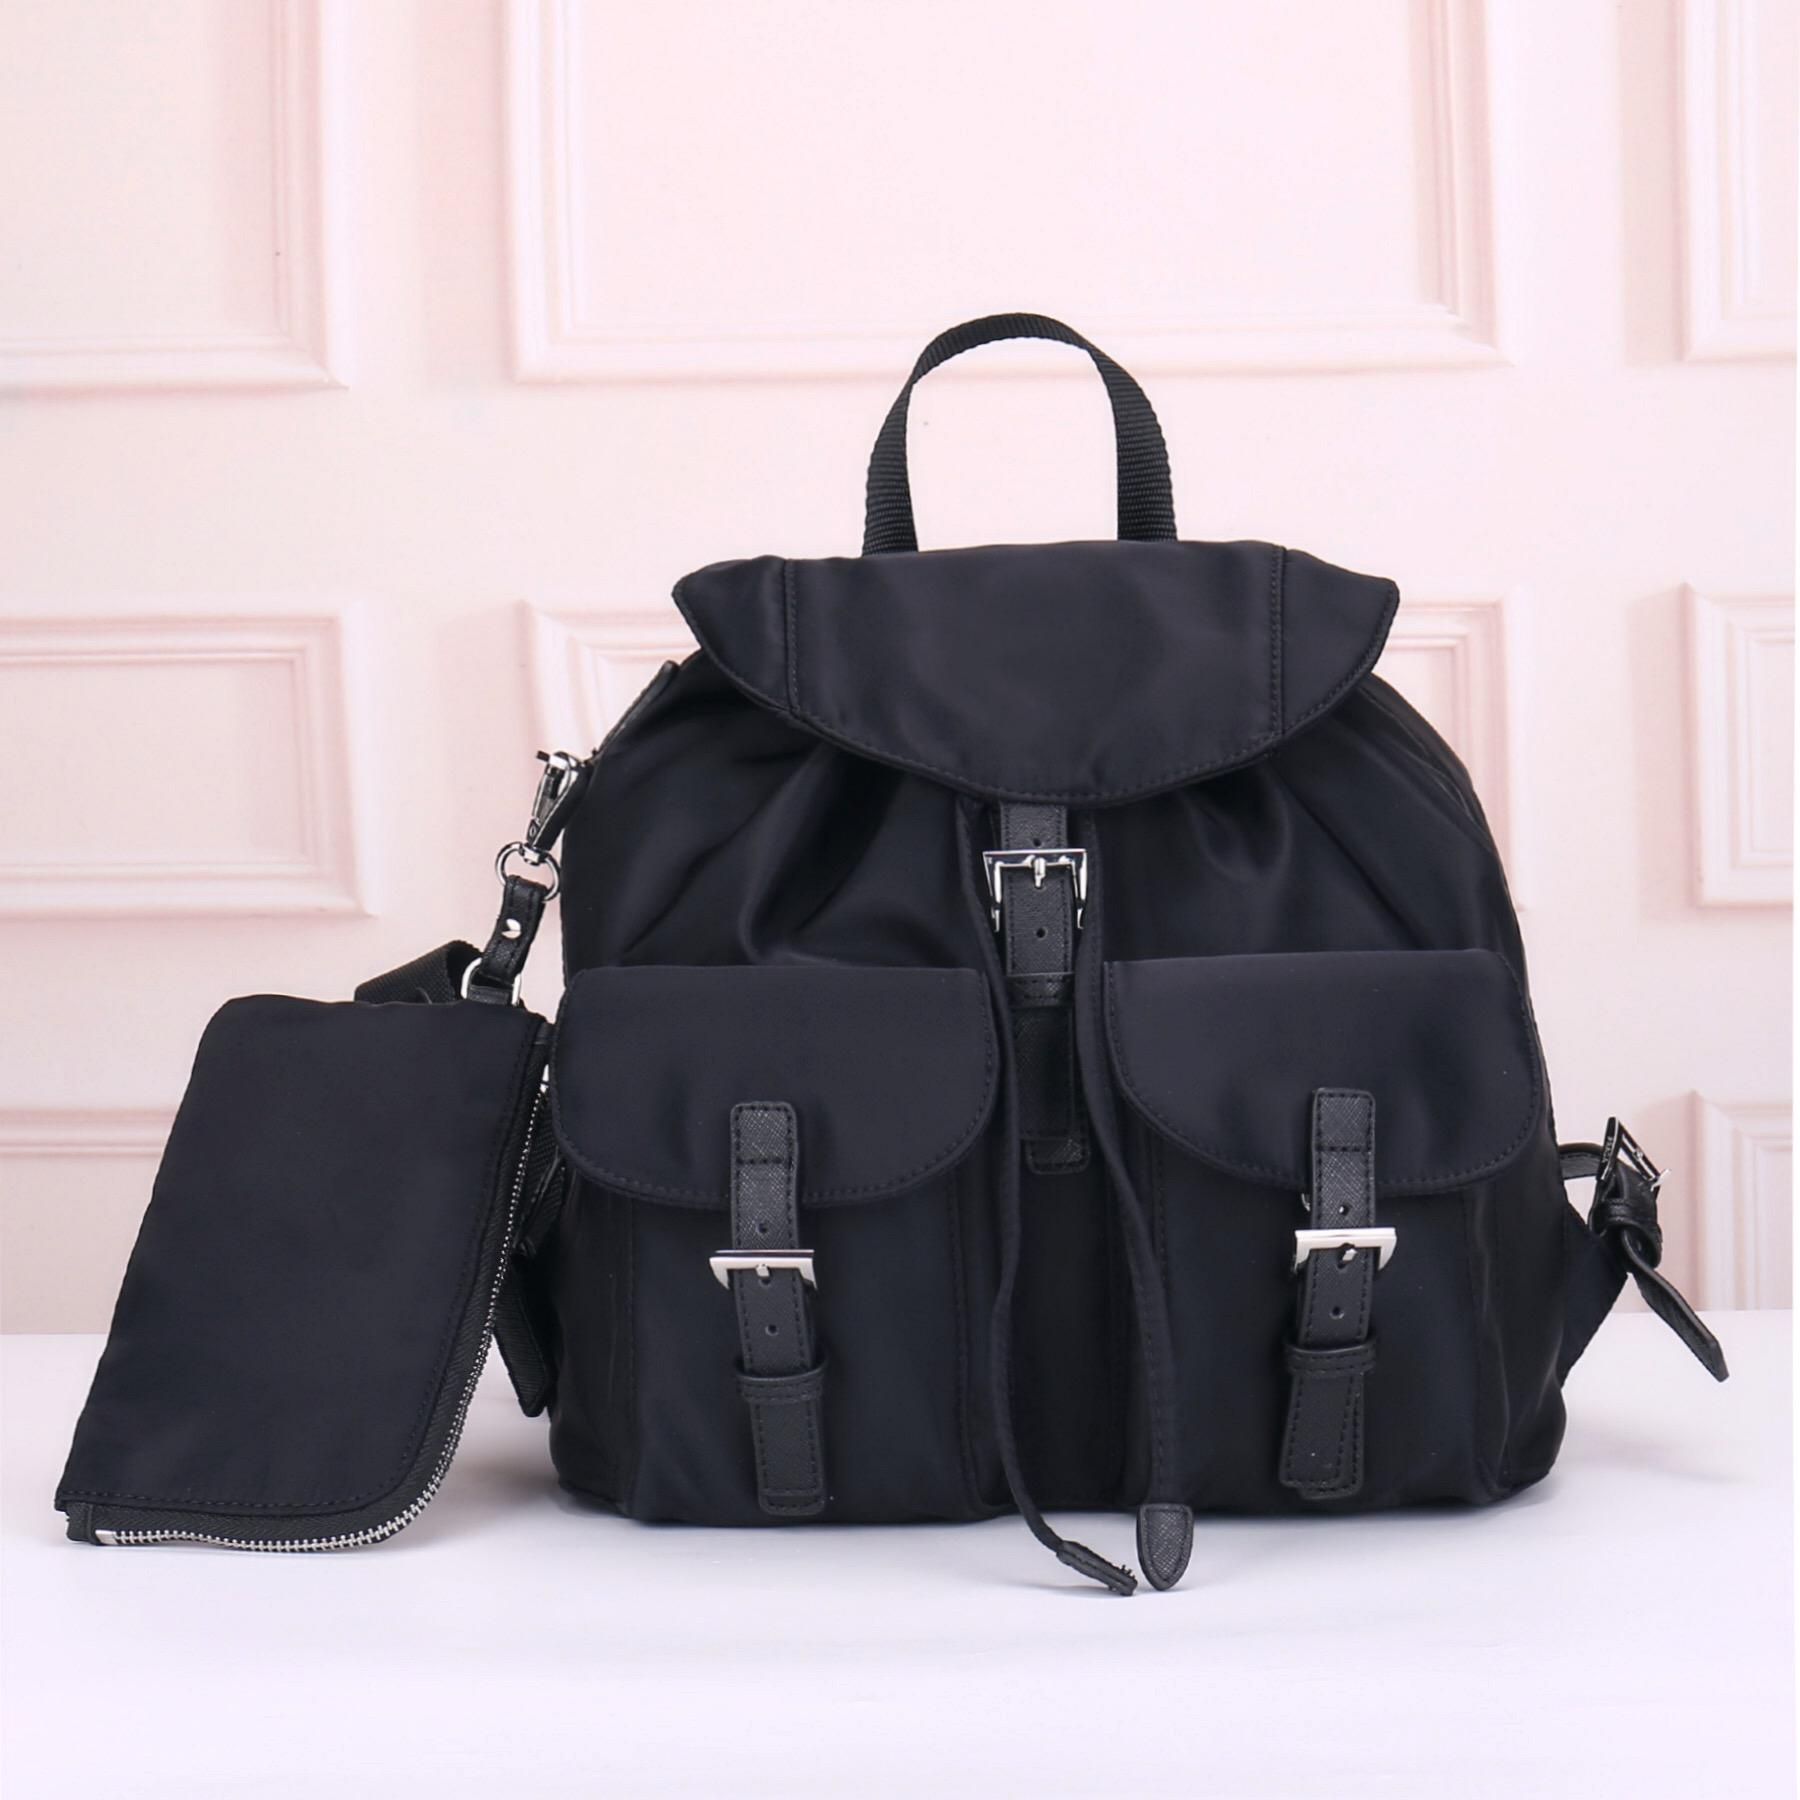 Großhandel Mode Rucksack für Frauen Mode Zurück Packung Für Männer Leinwand Umhängetasche Handtasche Klassische Rucksack Messenger Bag Fallschirm Stoff